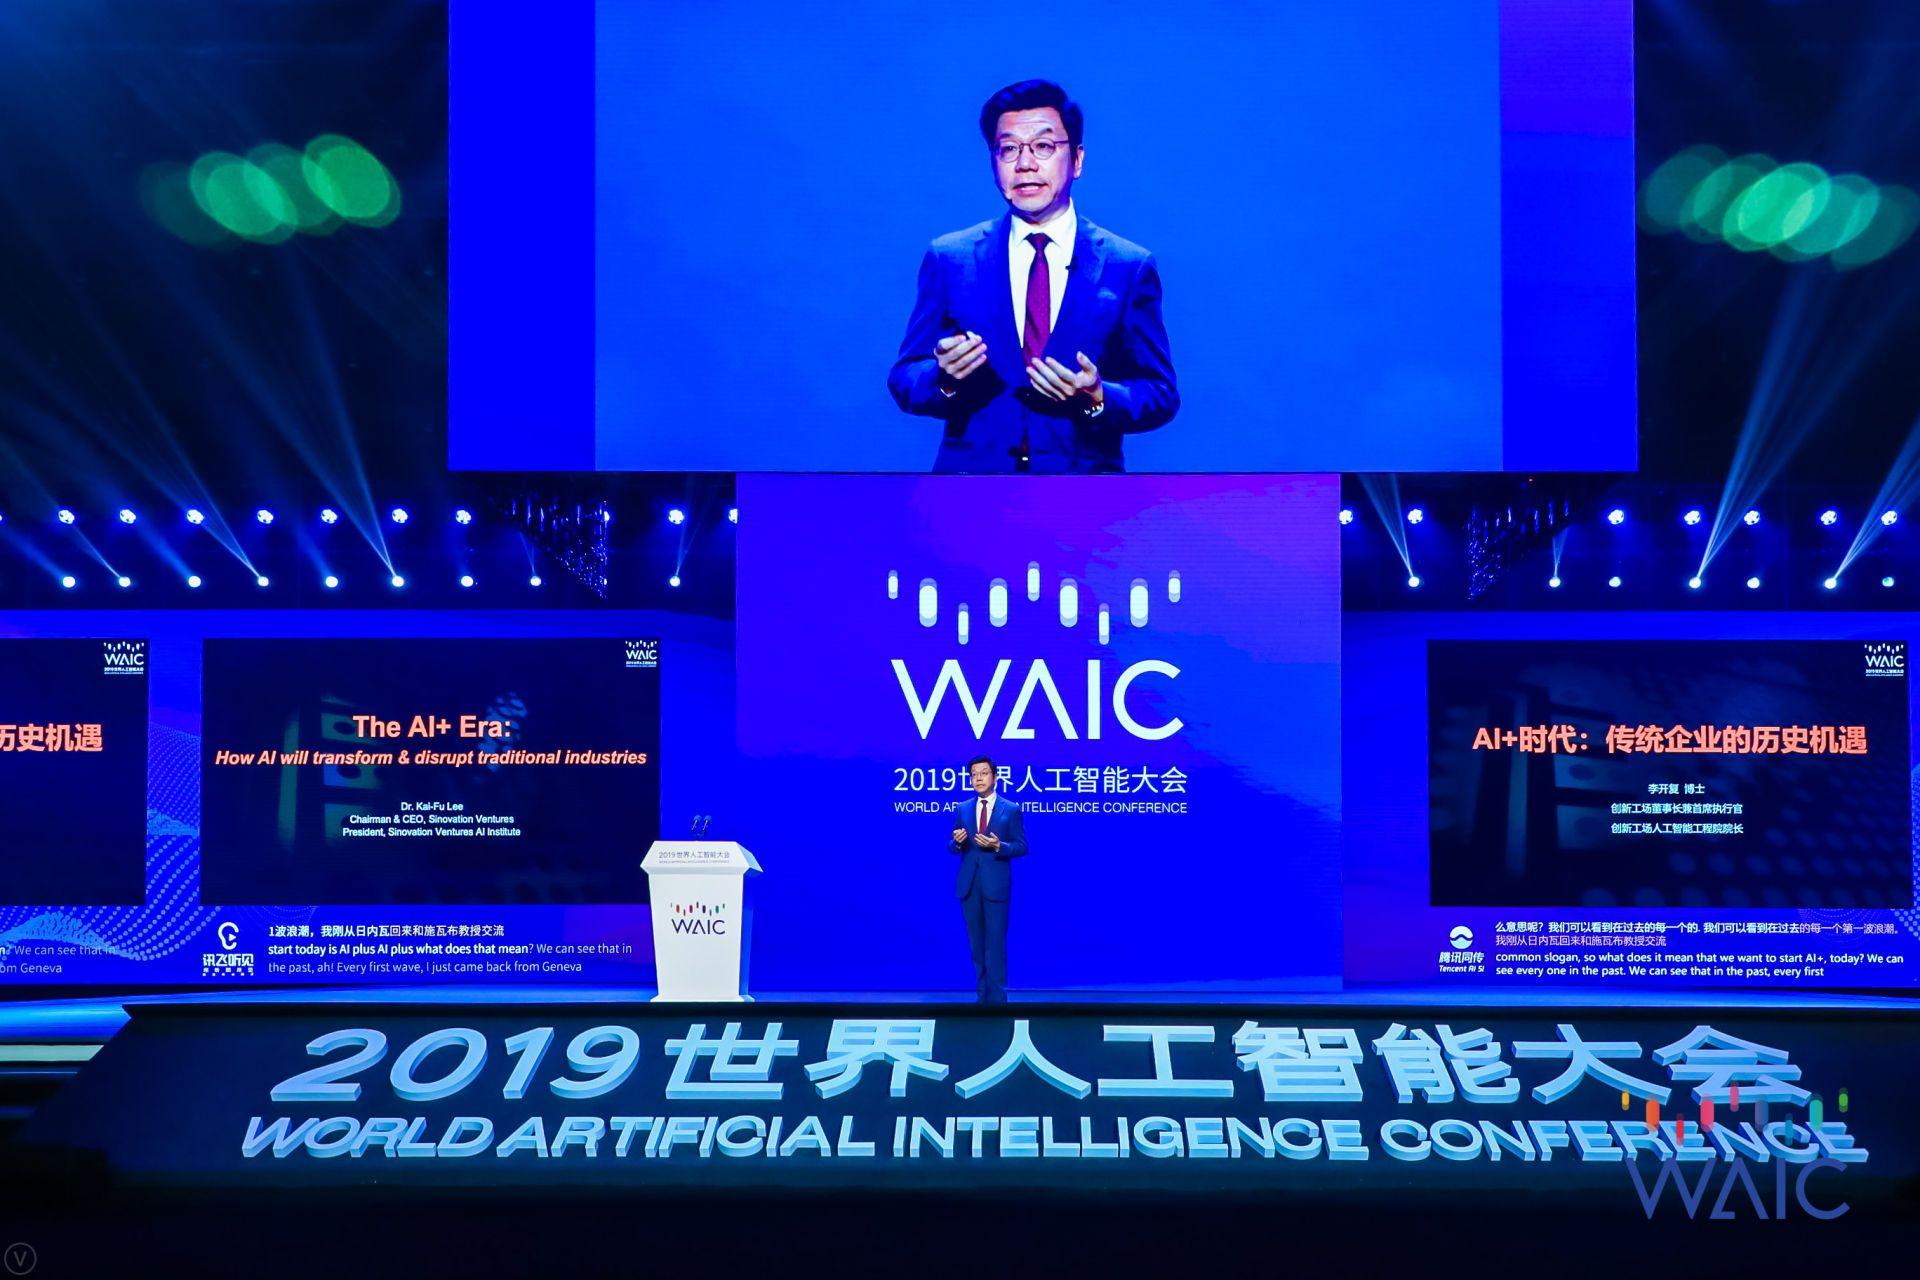 李开复:中国现在AI的产业化基本和美国平起平坐